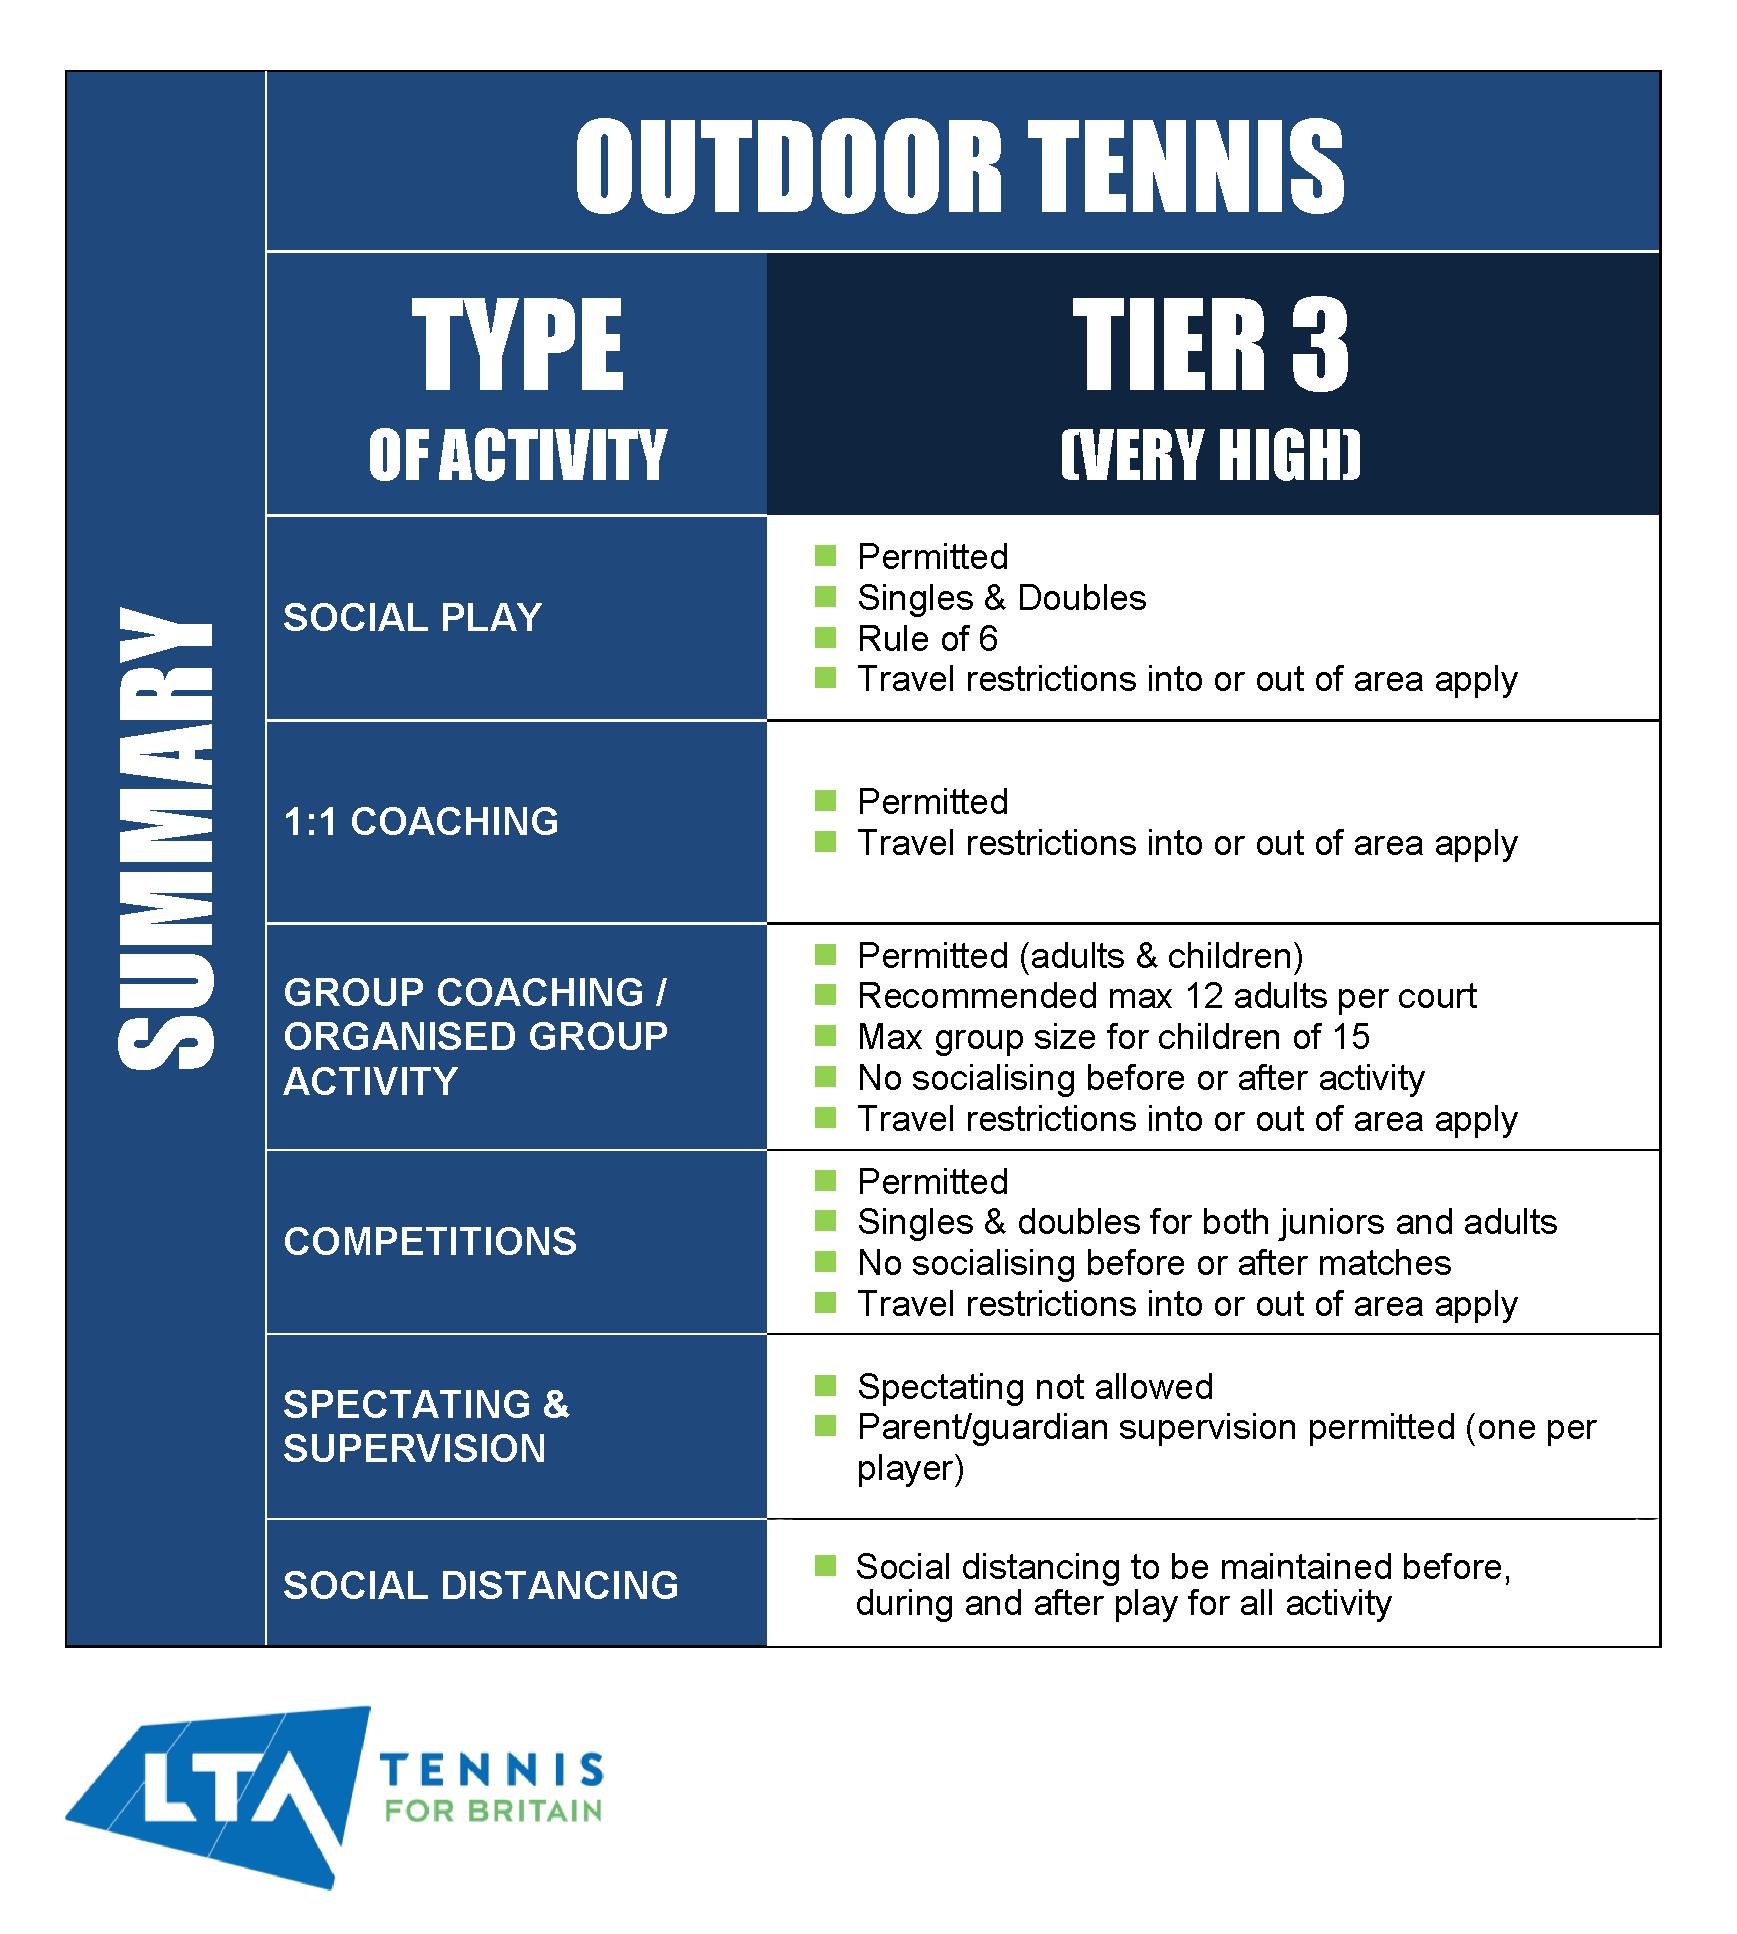 Outdoor tennis restrictions in tier 3